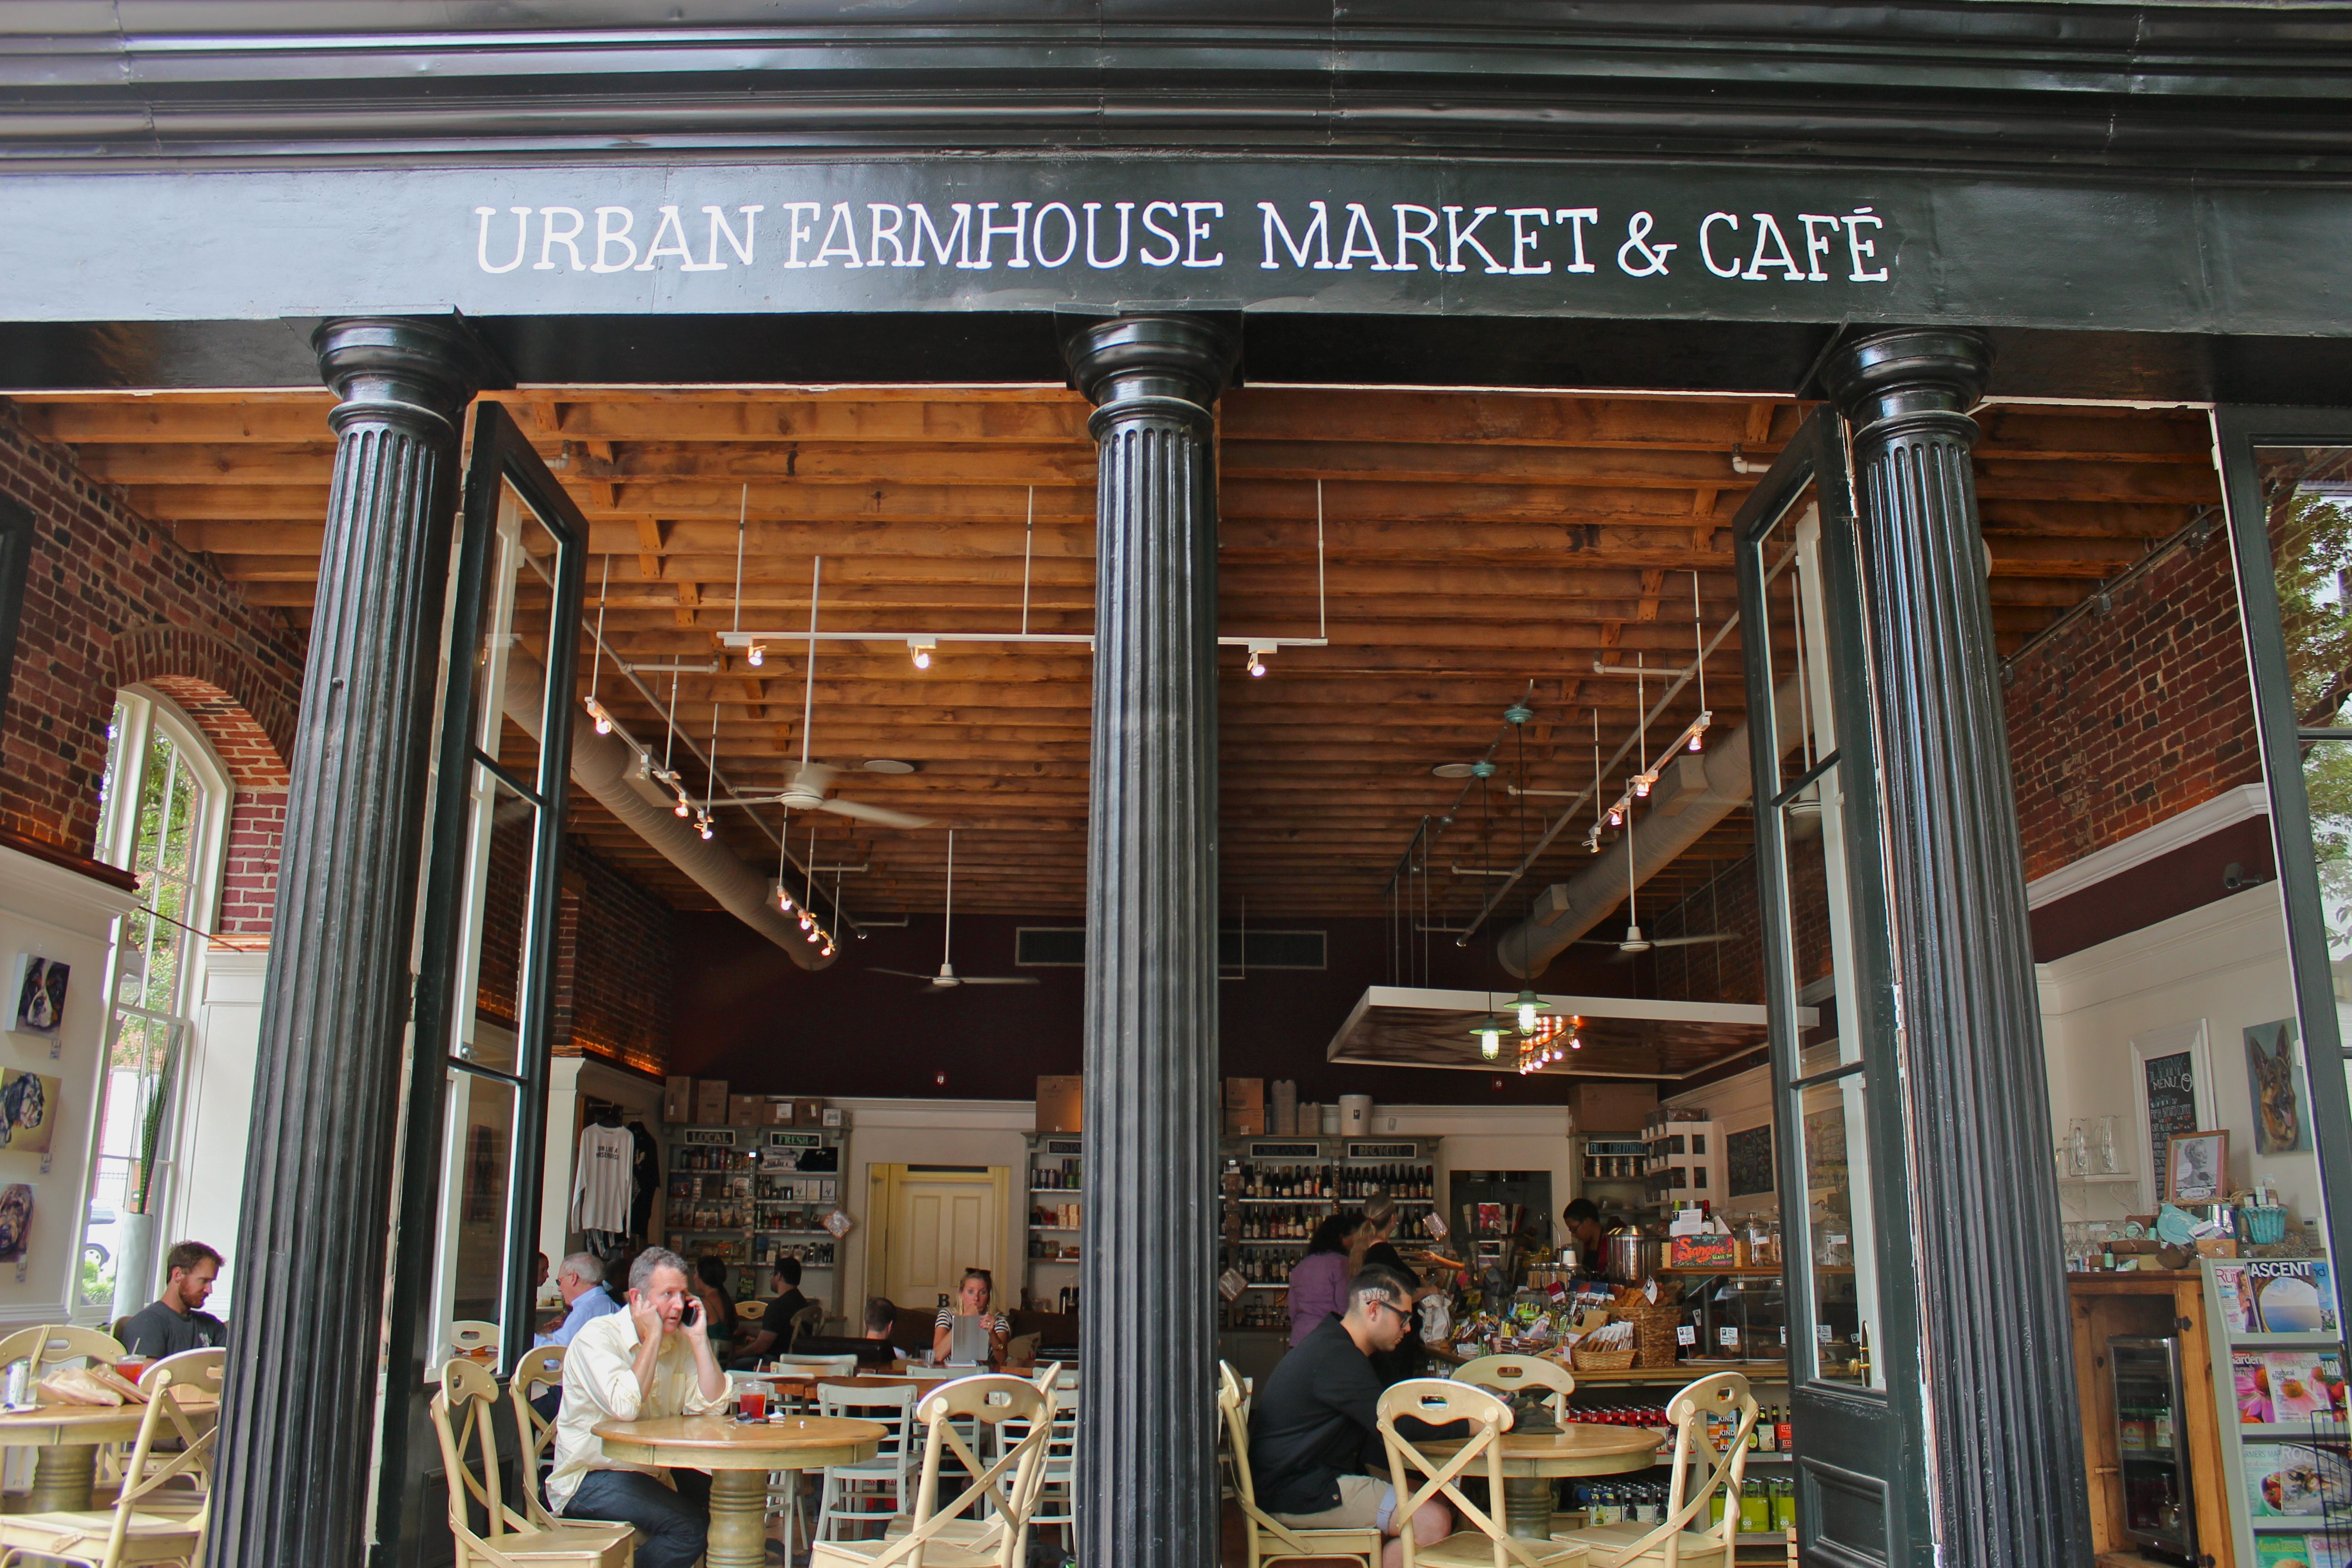 urban farmhouse market & cafe | fronts | pinterest | urban farmhouse